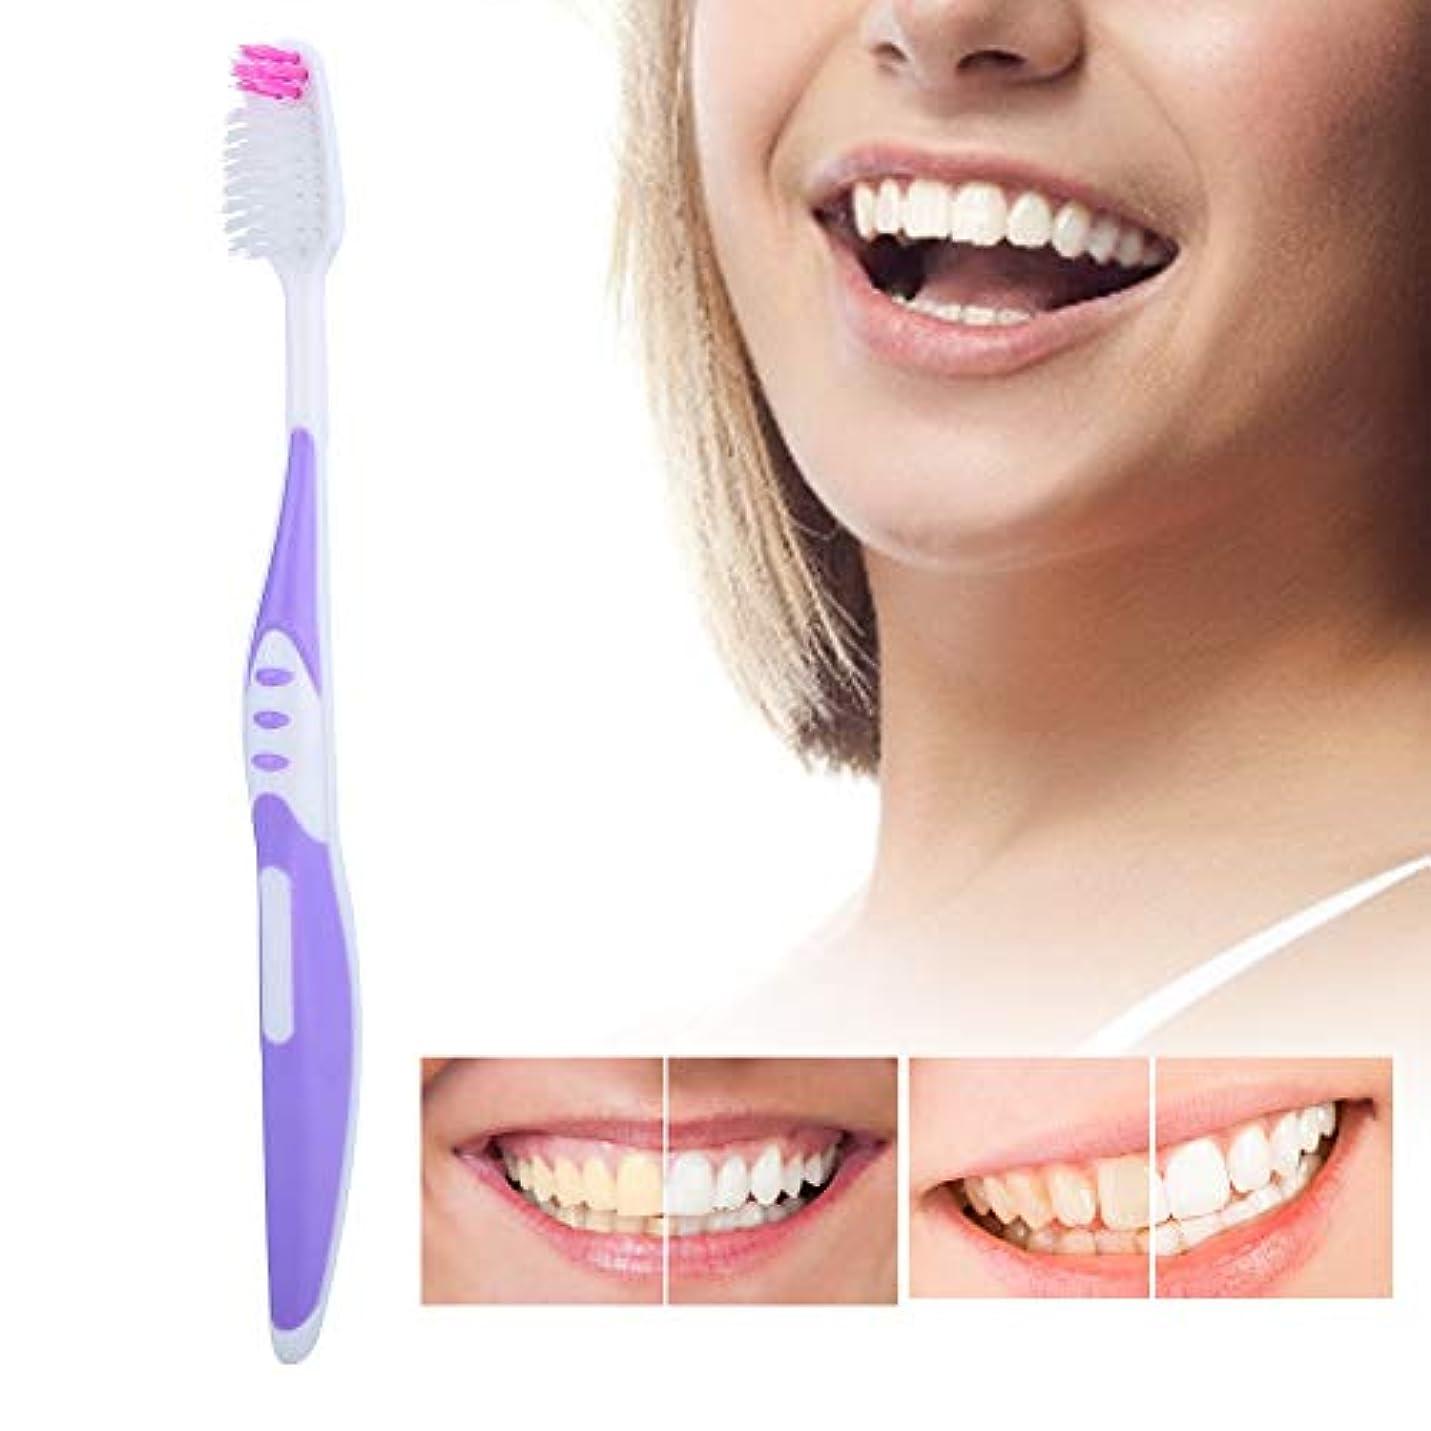 人気安全抑制するソフトブラシ髪の歯ブラシ10個入りpp滑り止めハンドル歯のクレンジングブラシ用大人パープル